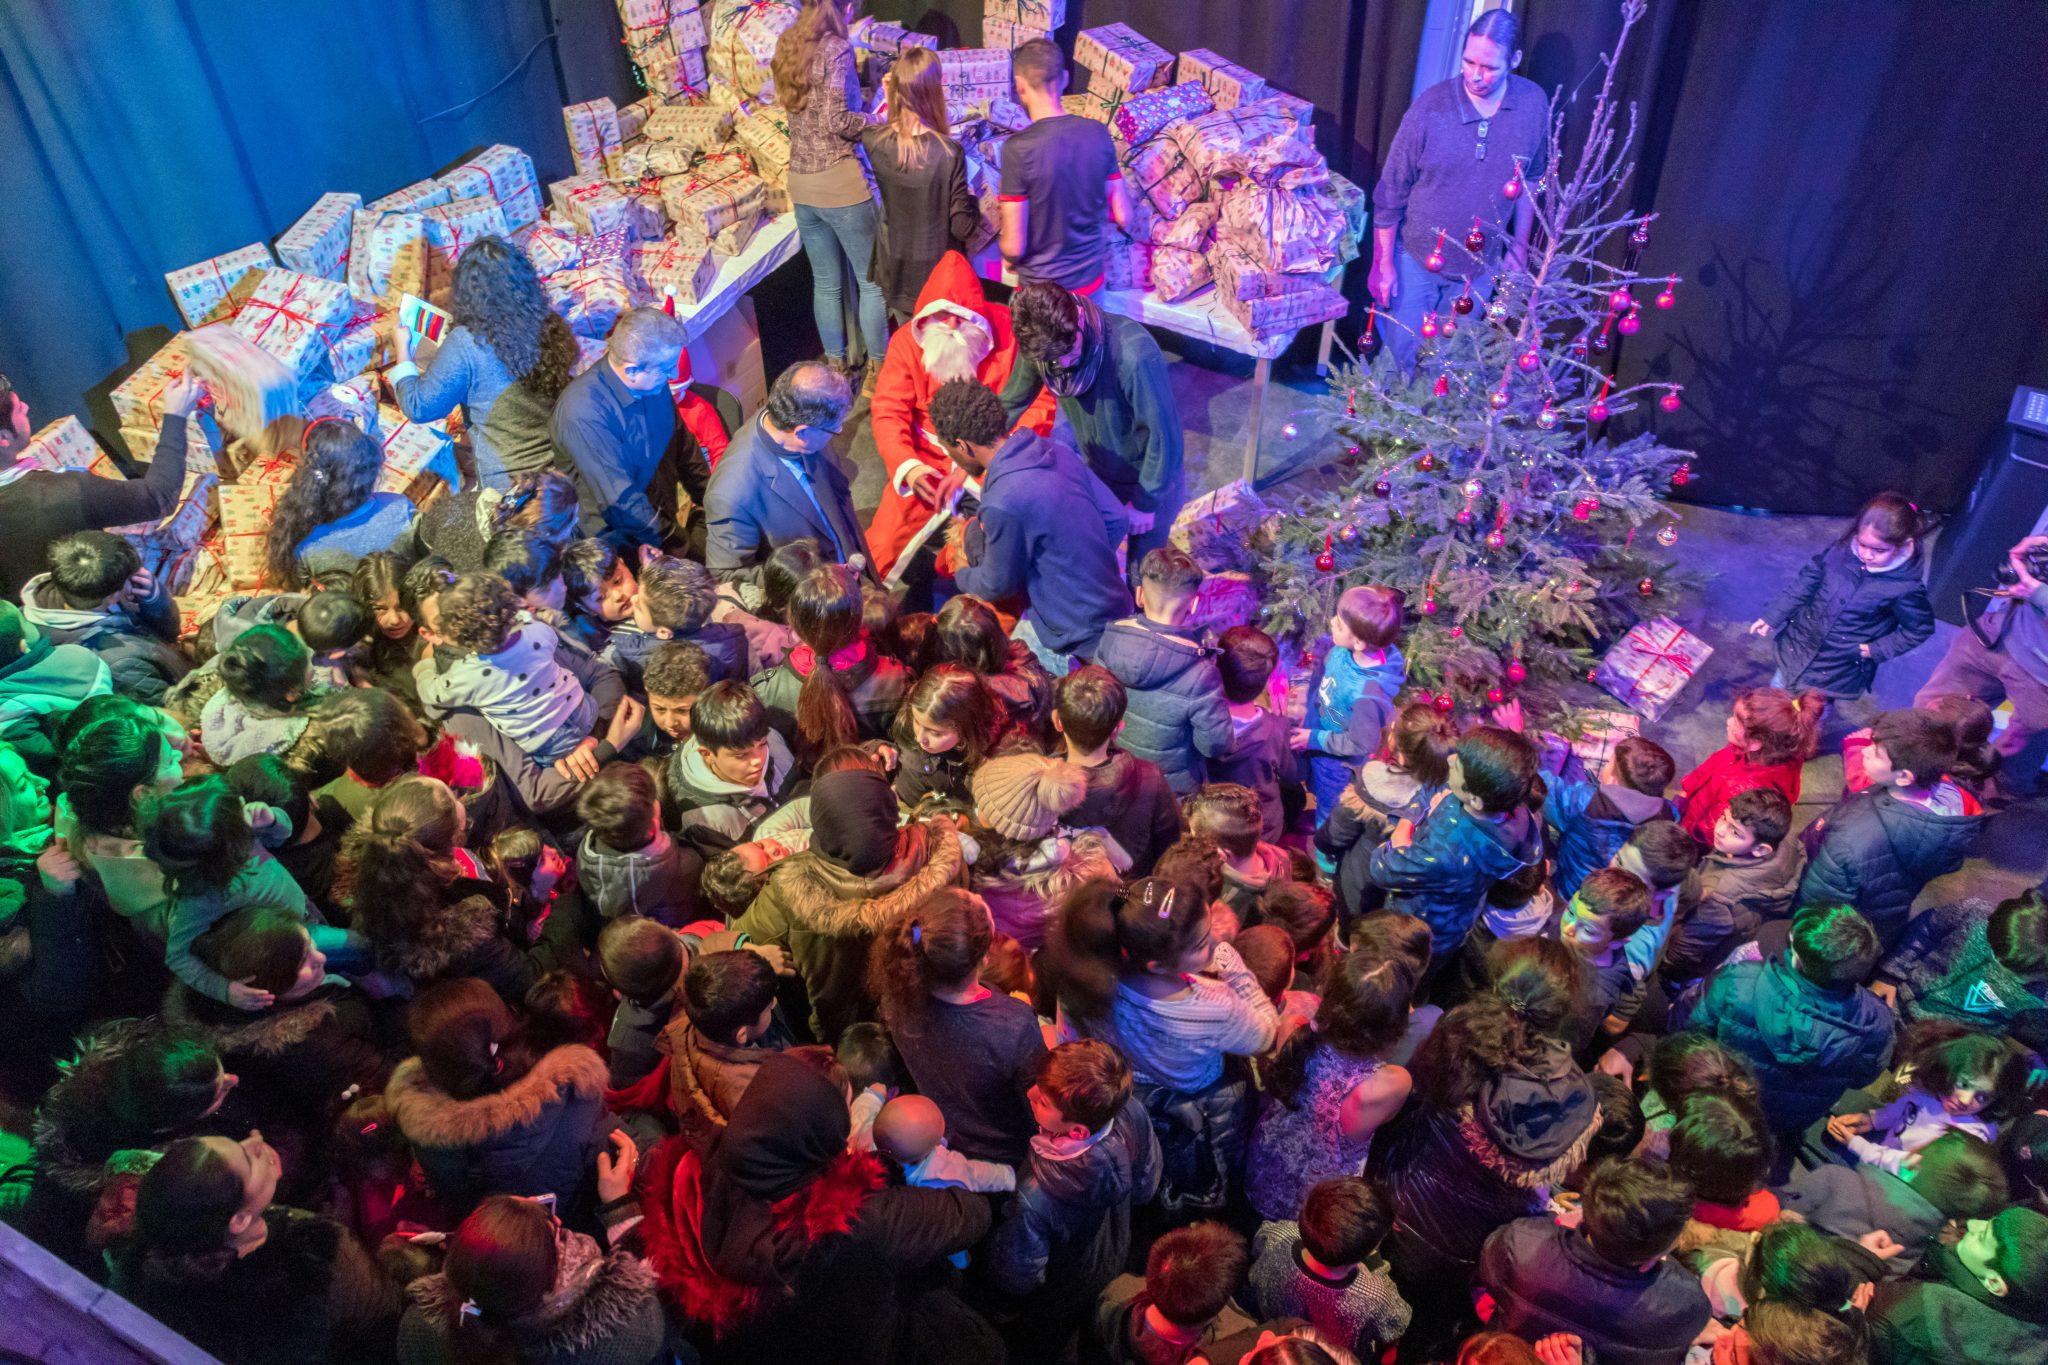 Weihnachtsfeier Bei IBIS E.V.